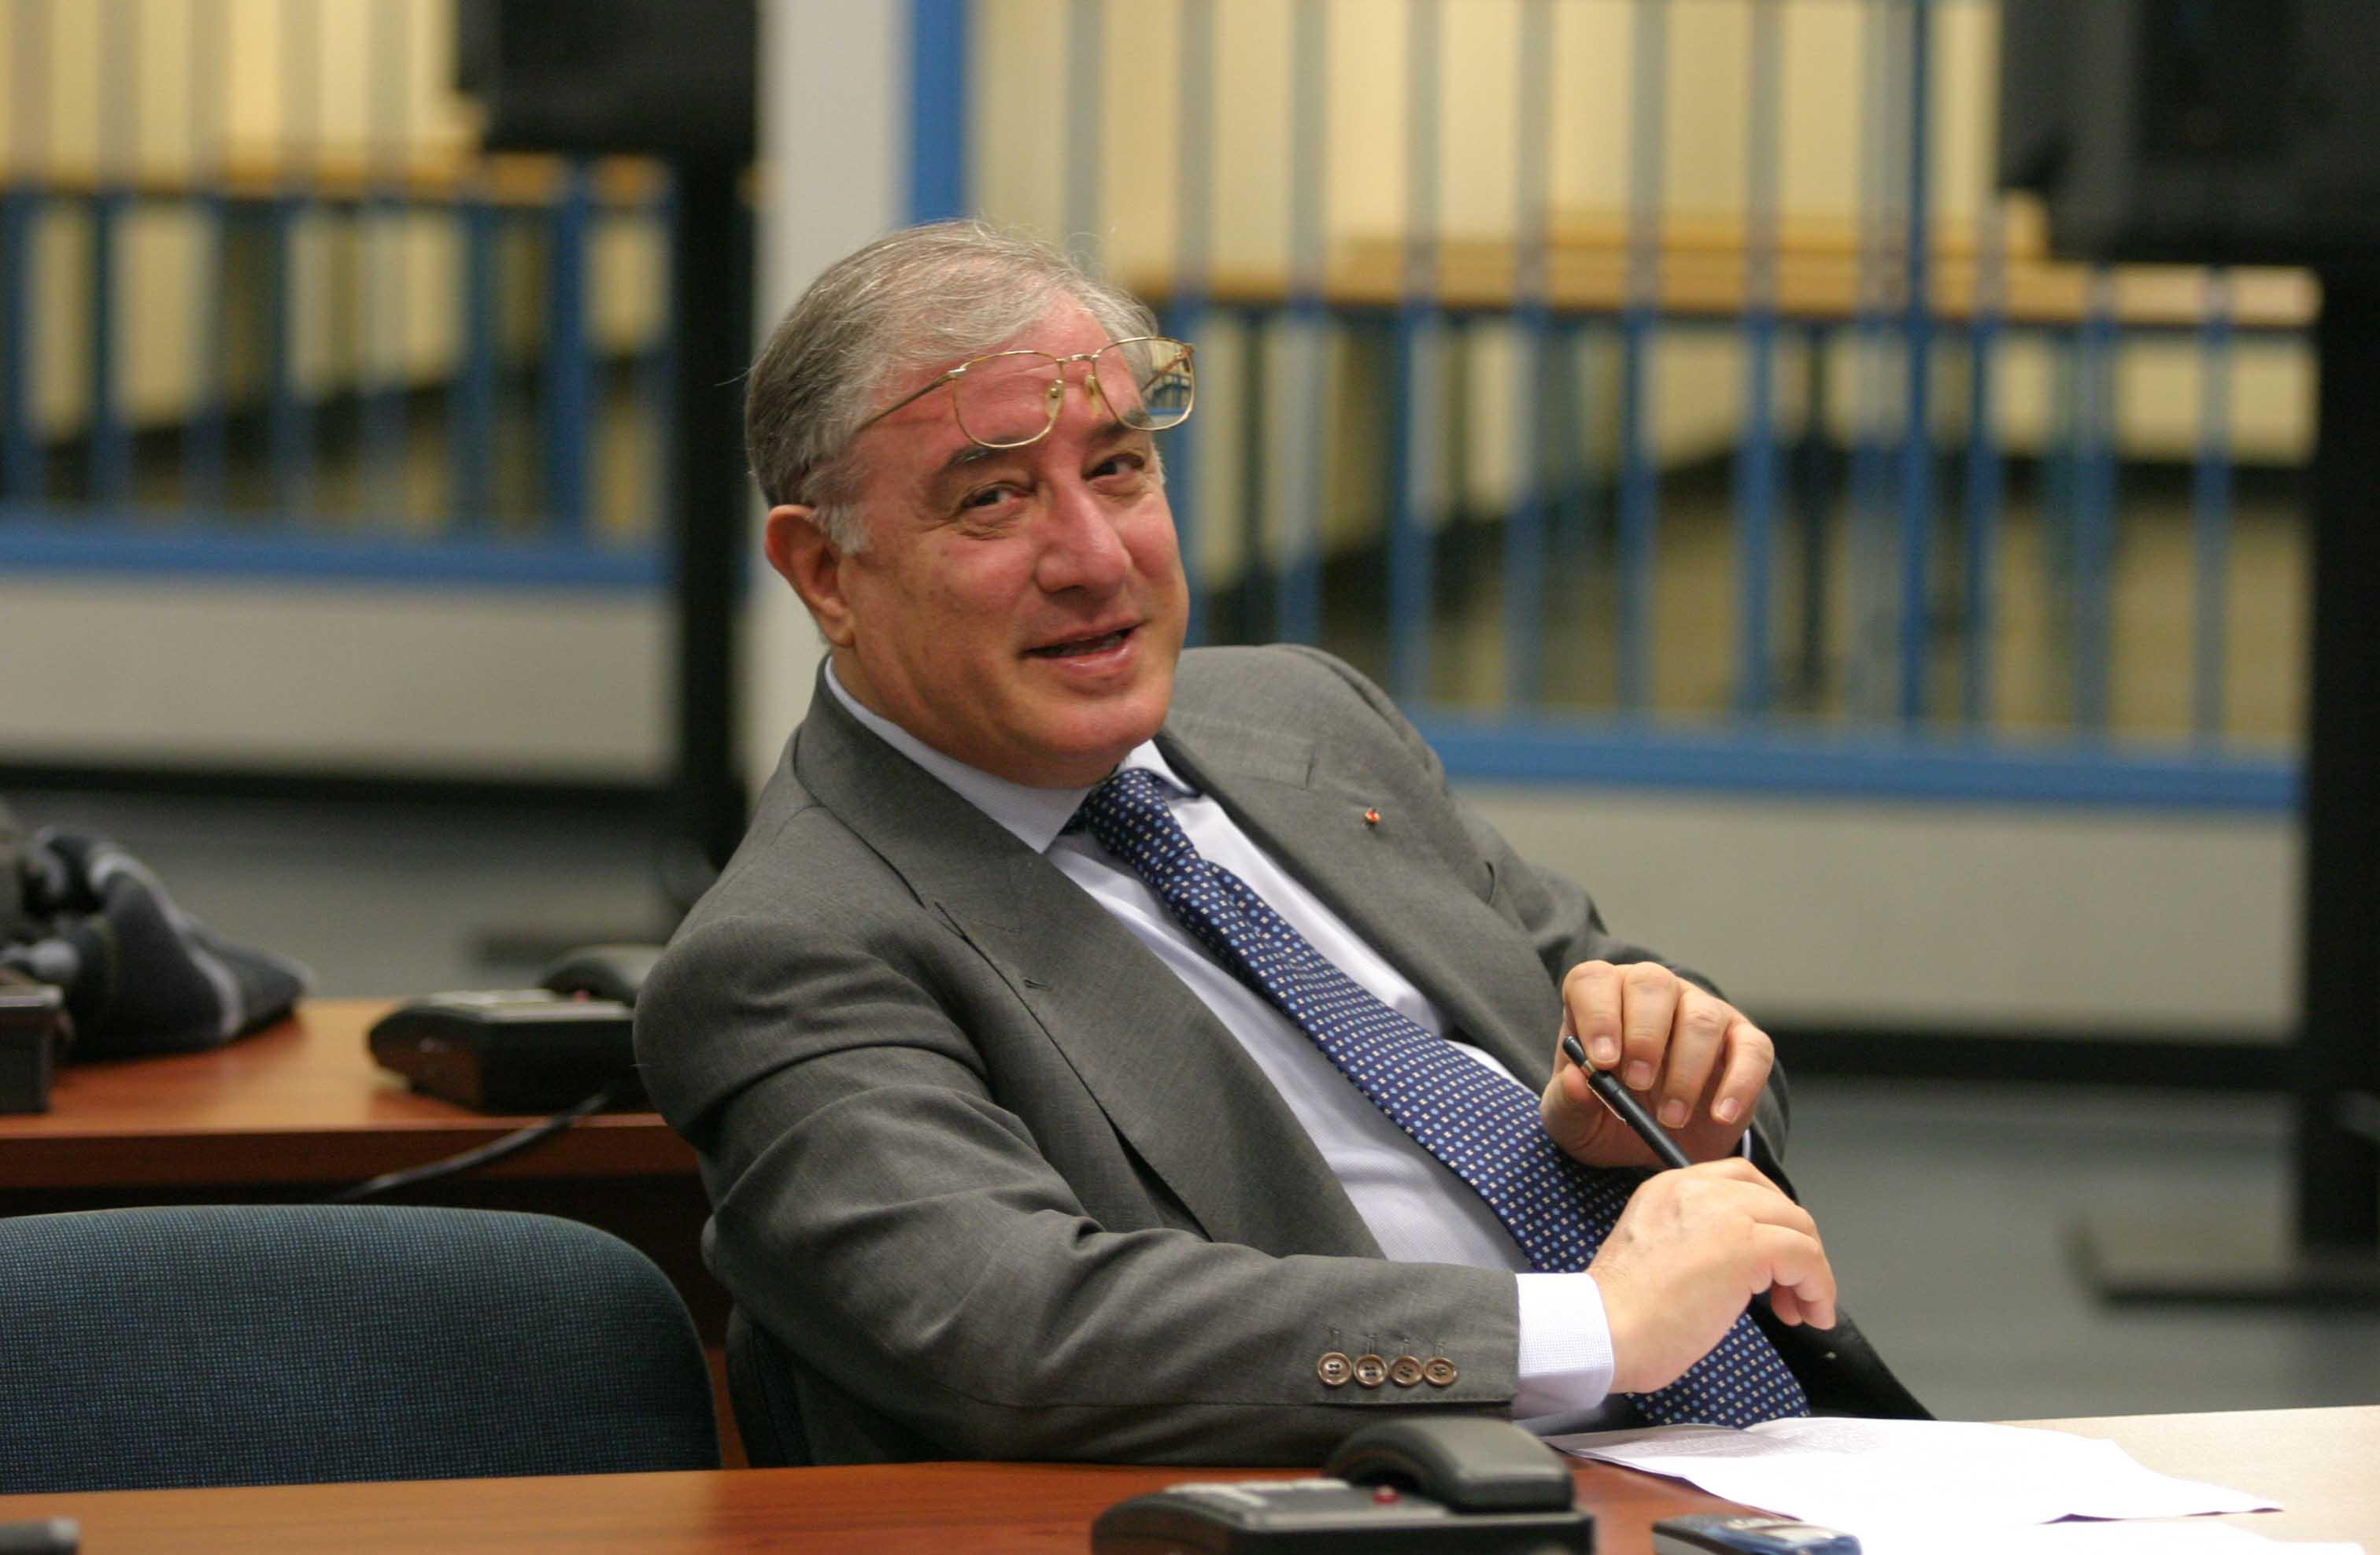 Caso dell'Utri, lunedì il tribunale di Palermo deciderà se annullare il provvedimento di arresto